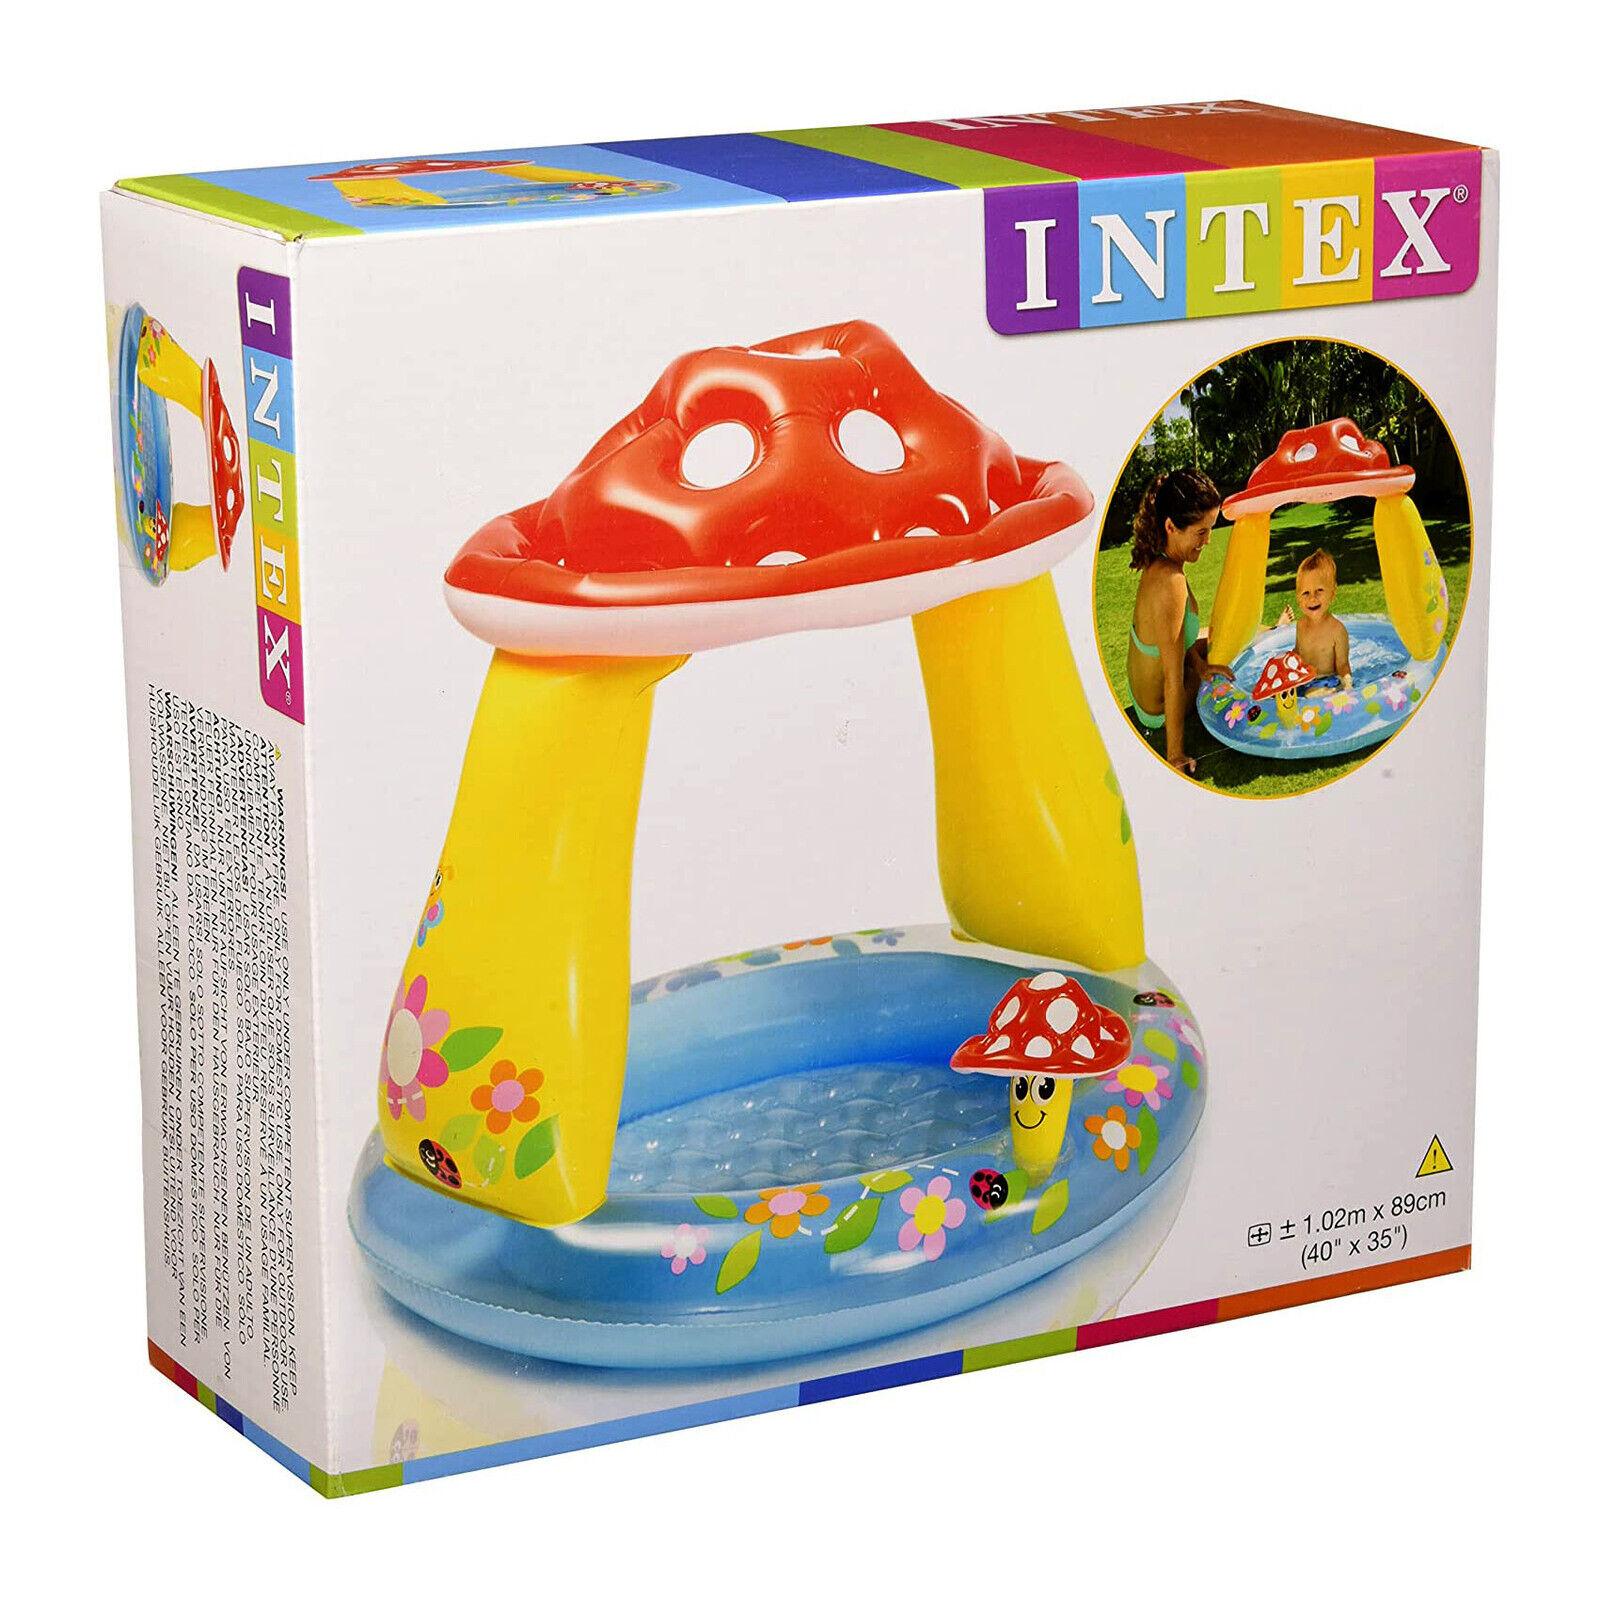 Intex Mushroom Baby Inflatable Pool